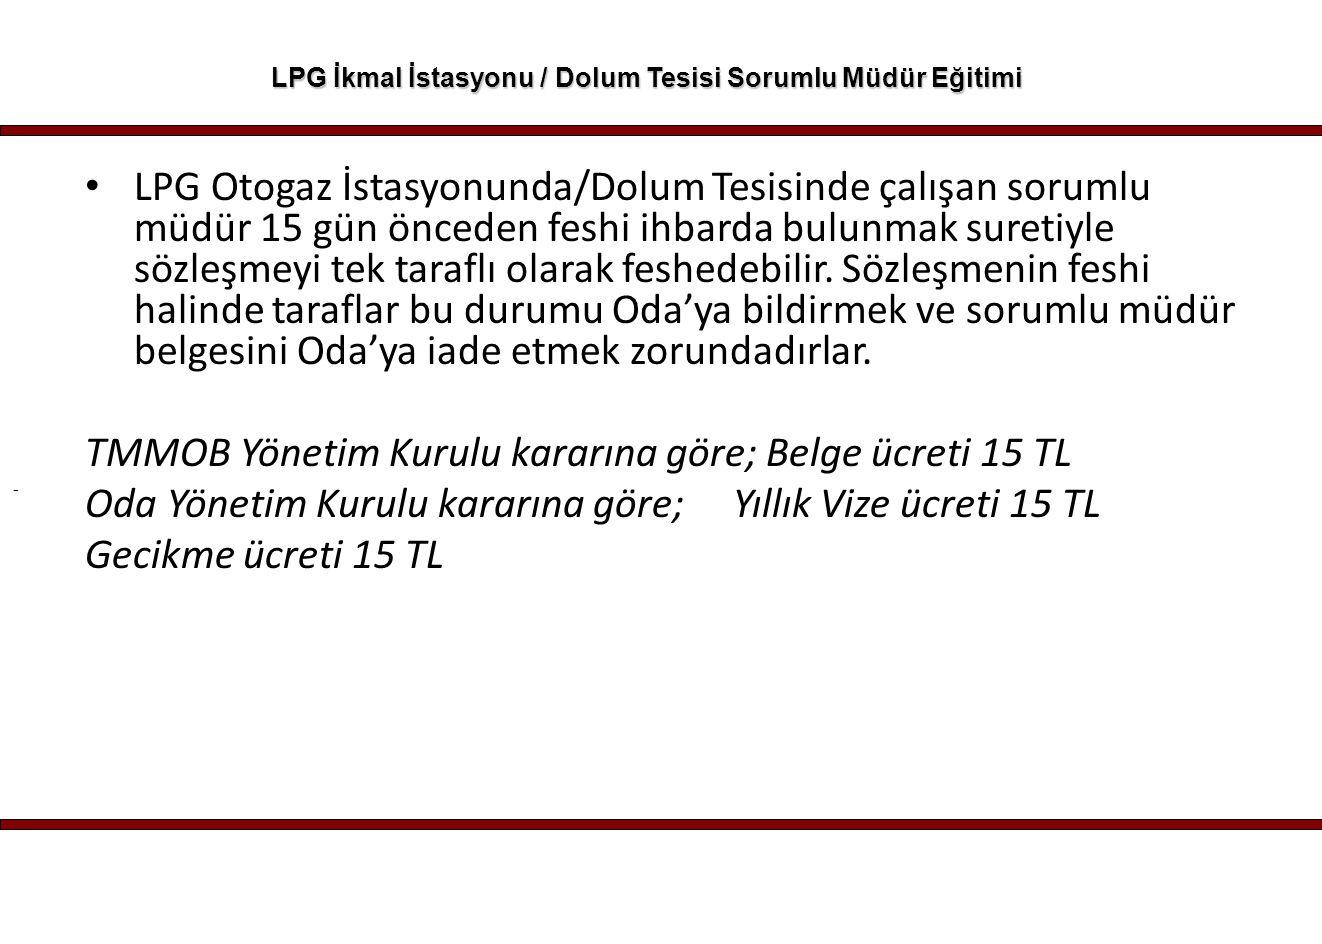 - LPG İkmal İstasyonu / Dolum Tesisi Sorumlu Müdür Eğitimi LPG Otogaz İstasyonunda/Dolum Tesisinde çalışan sorumlu müdür 15 gün önceden feshi ihbarda